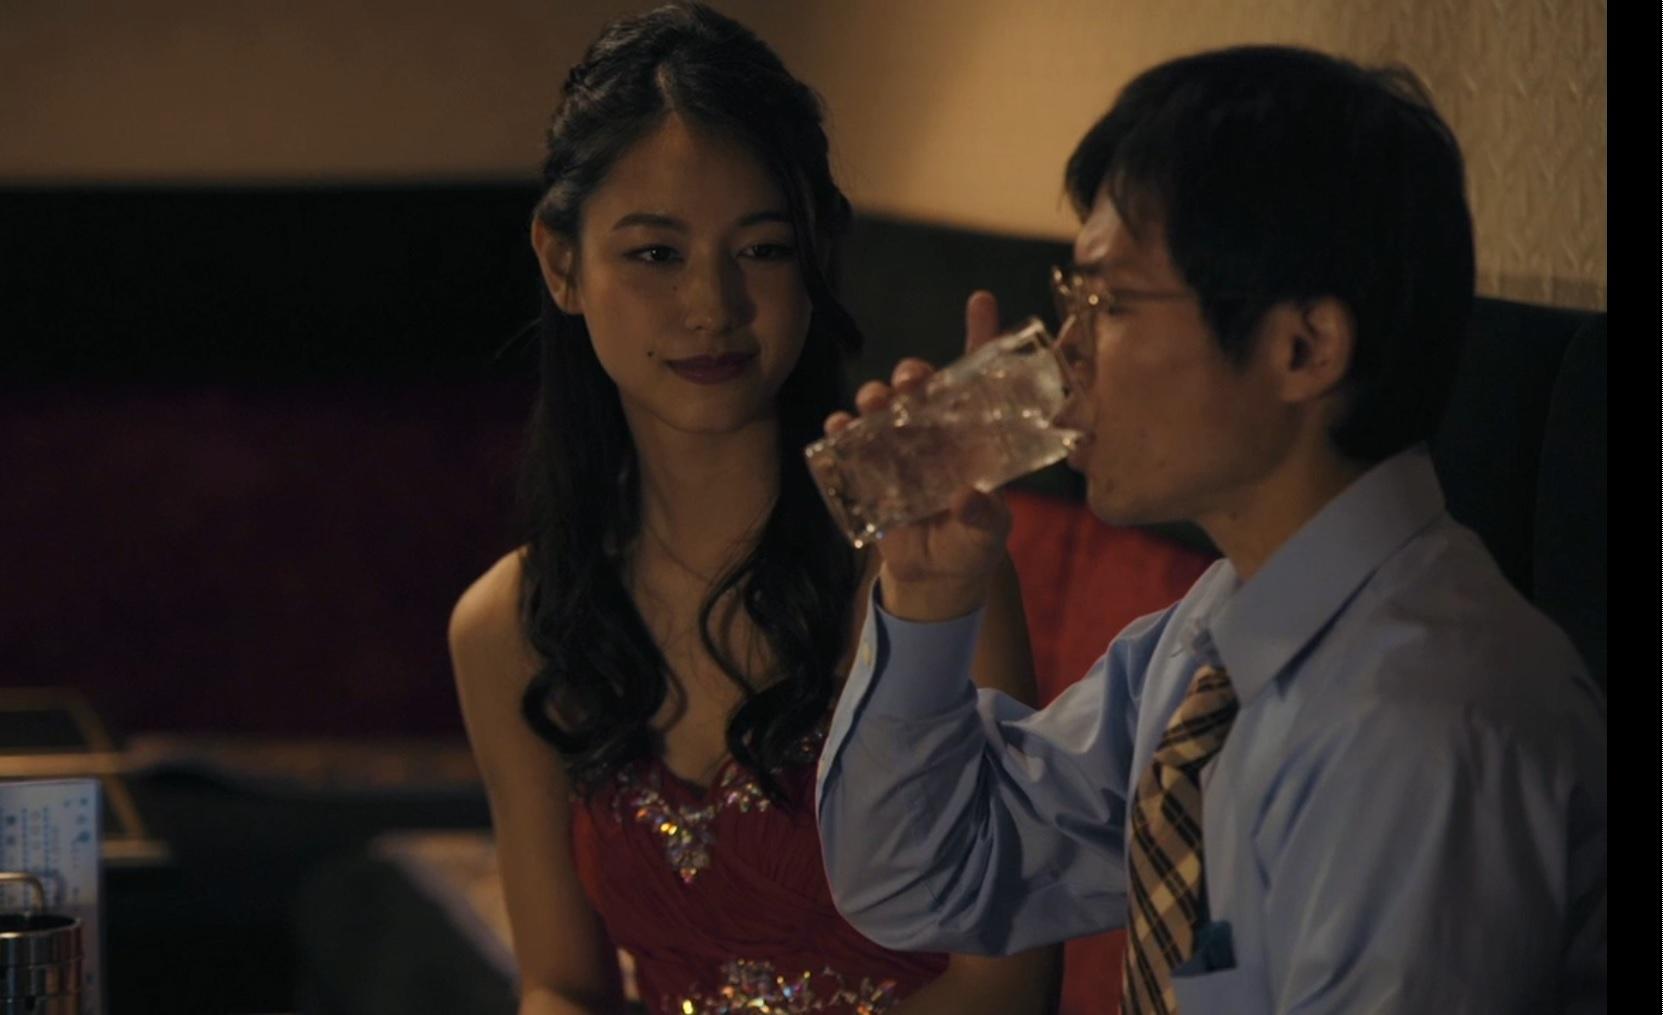 短編映画『ダムドガールズキャバレークラブ』